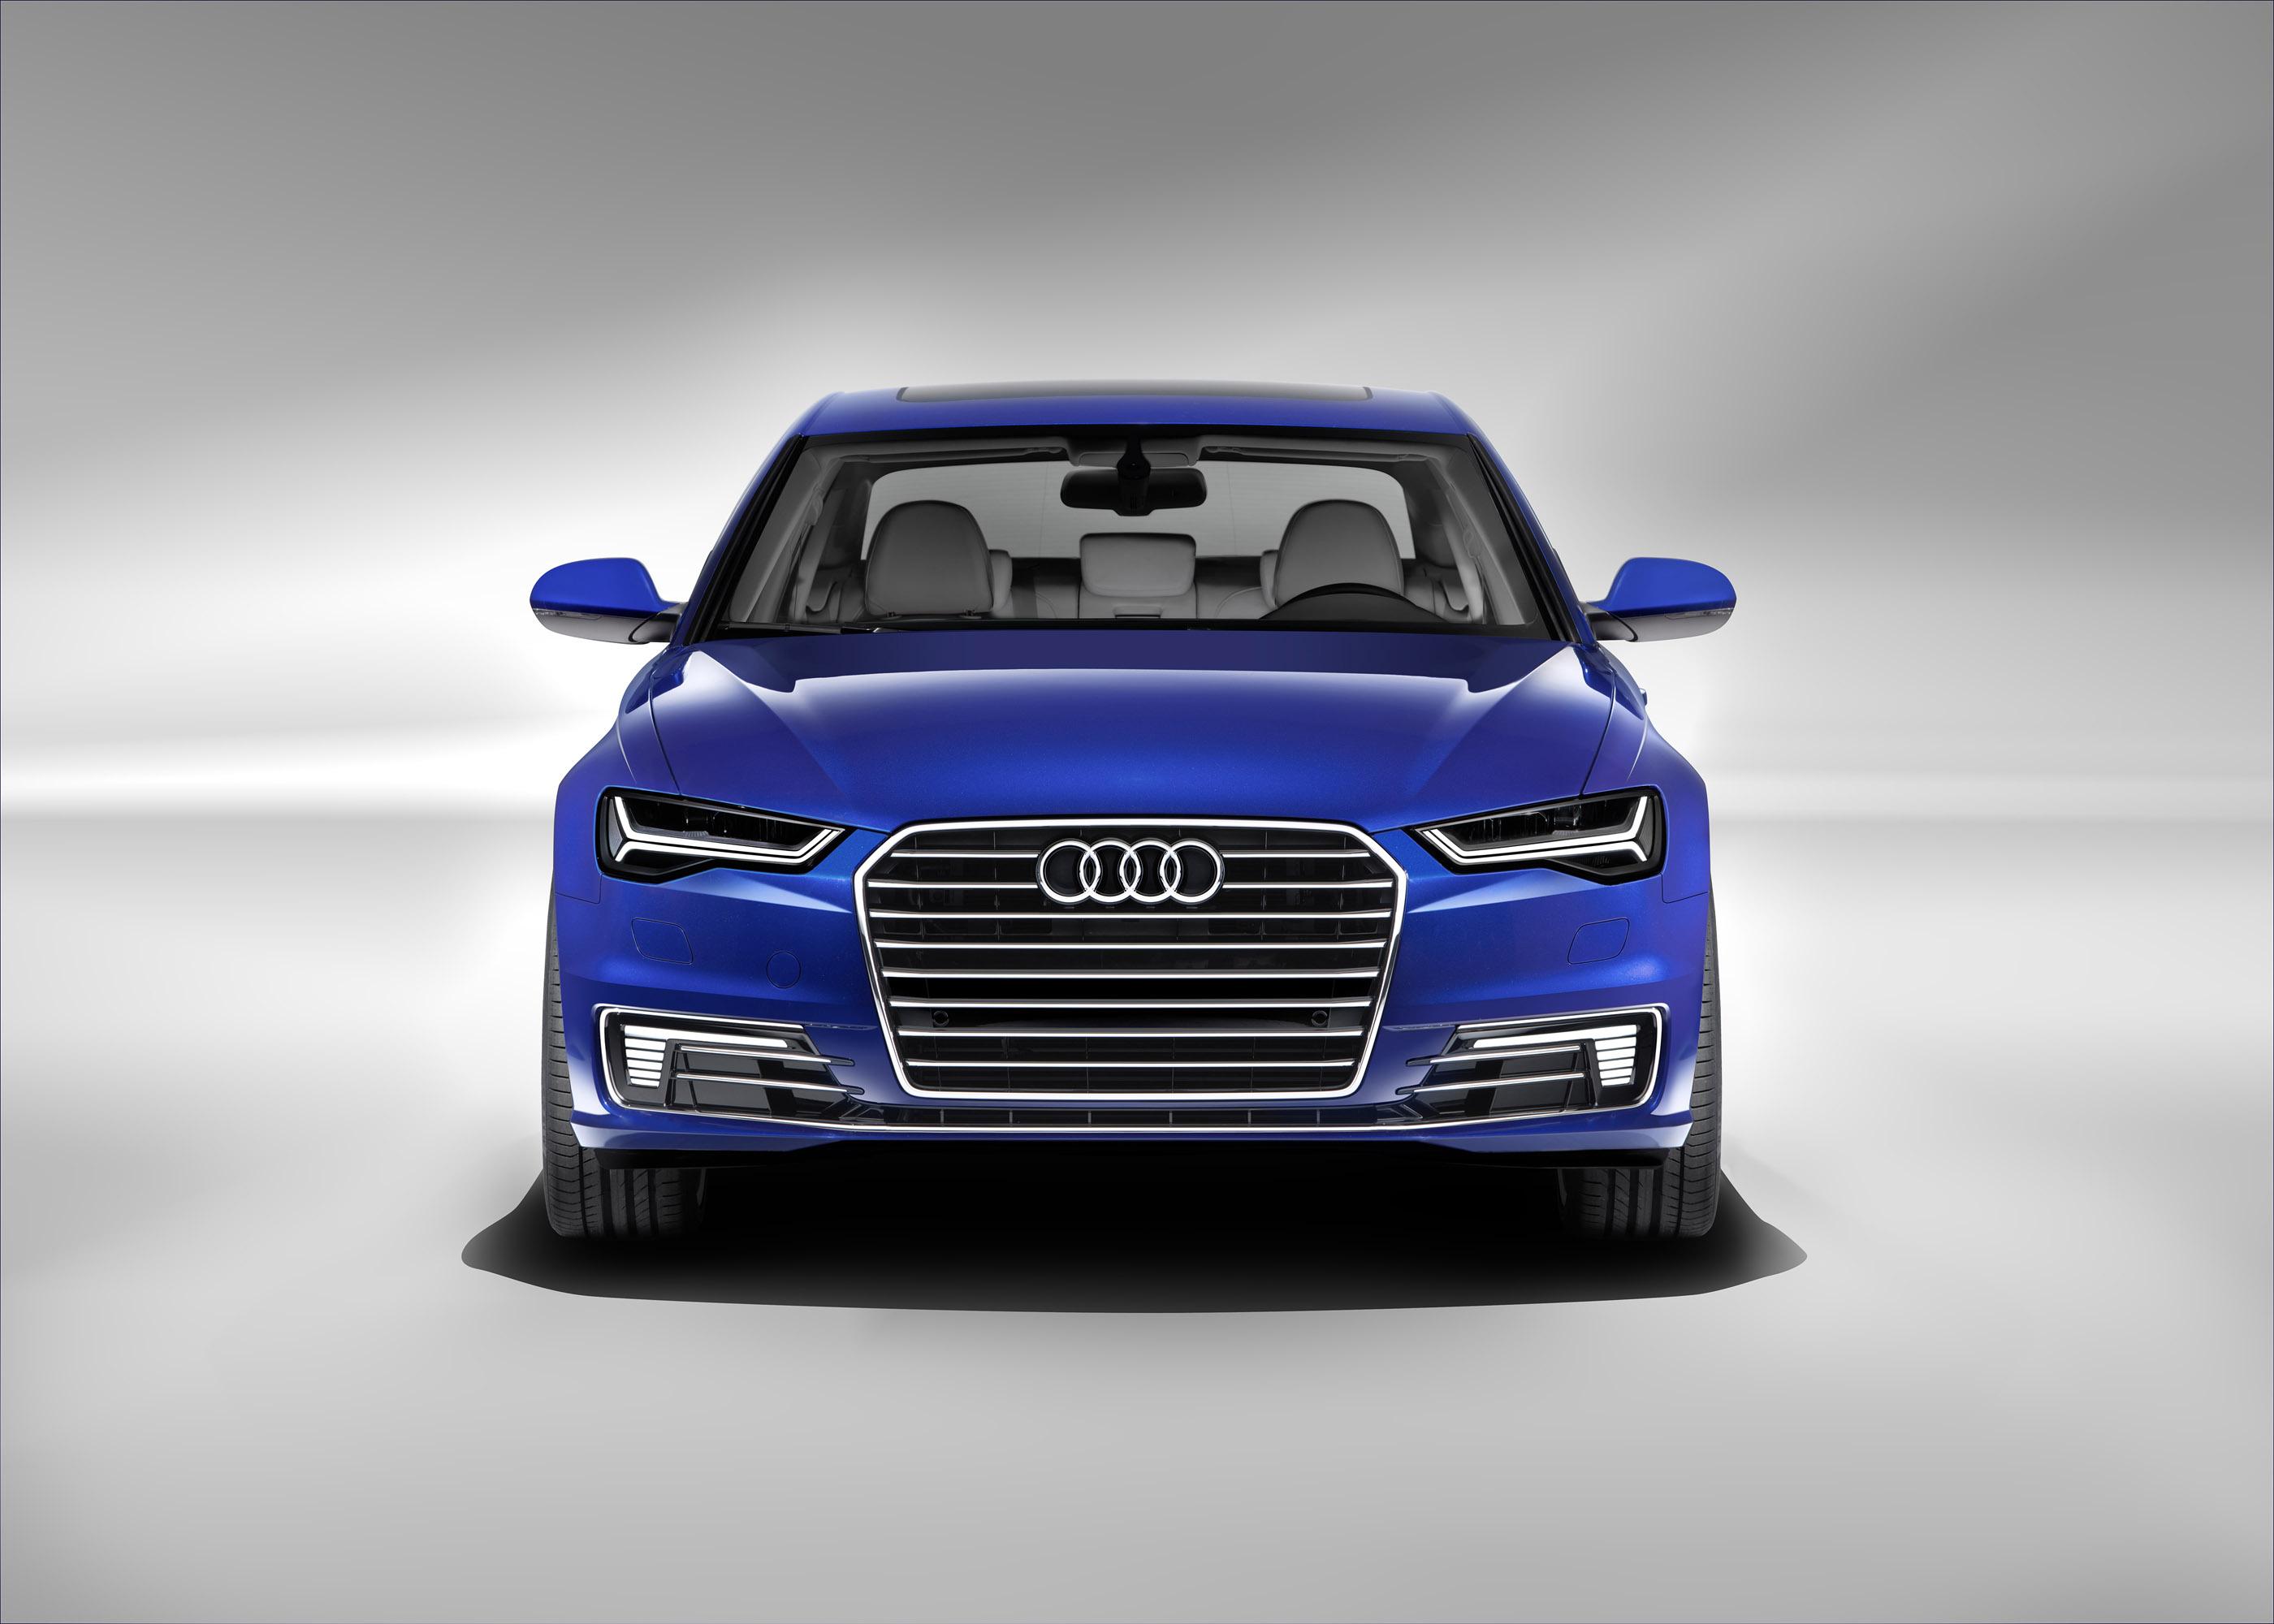 Audi A3 Sedan >> Audi A6L e-tron